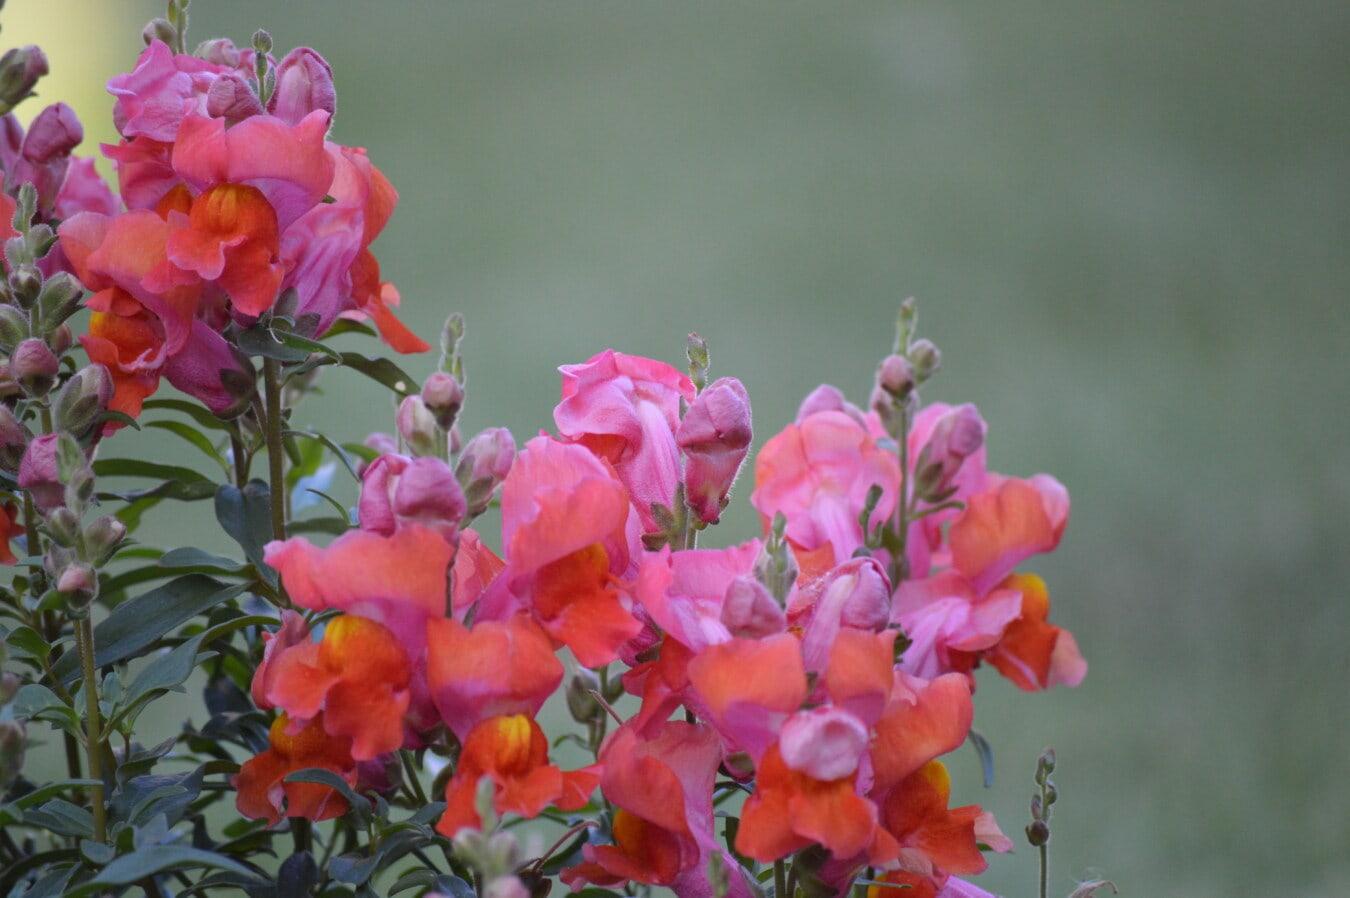 jaune orangé, fleurs, Muflier, rougeâtre, jardin fleuri, fleur, flore, jardin, nature, plante